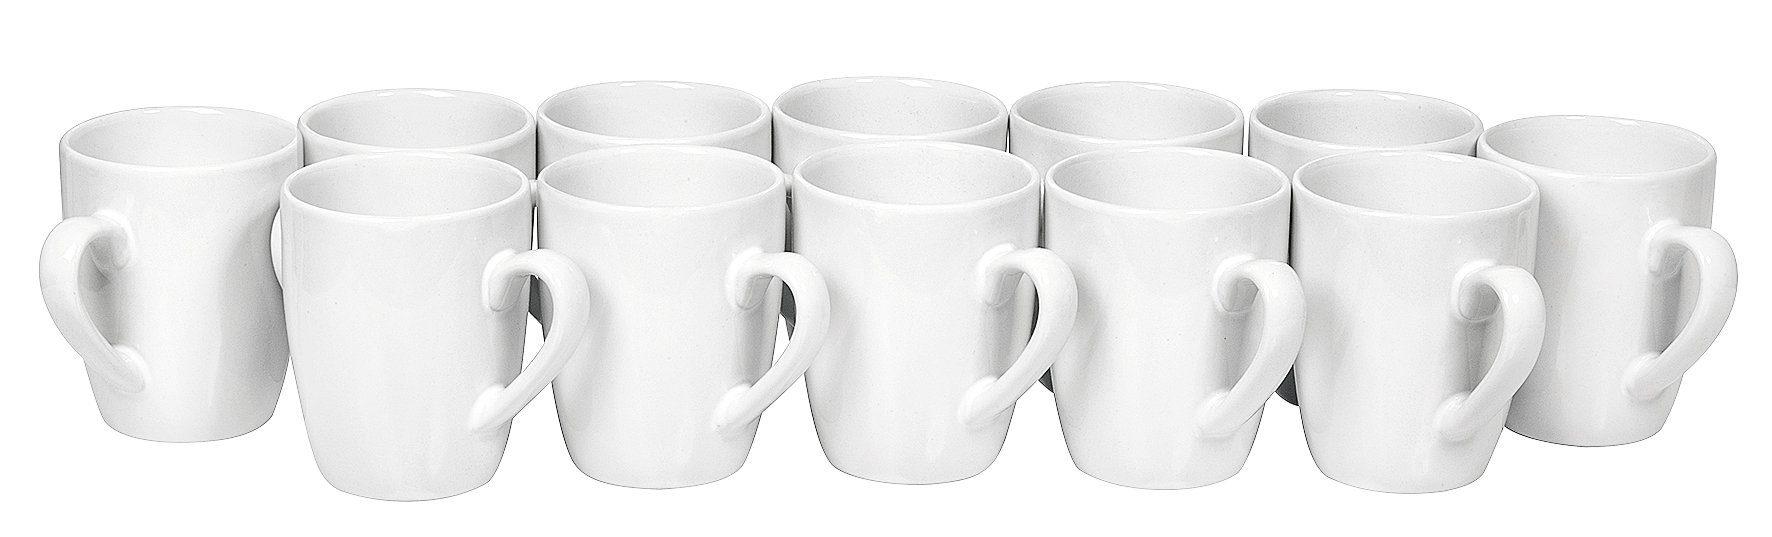 """VBS Großhandelspackung Tassen Set """"Kaffeebecher XXL Pack"""" 12 Stück"""